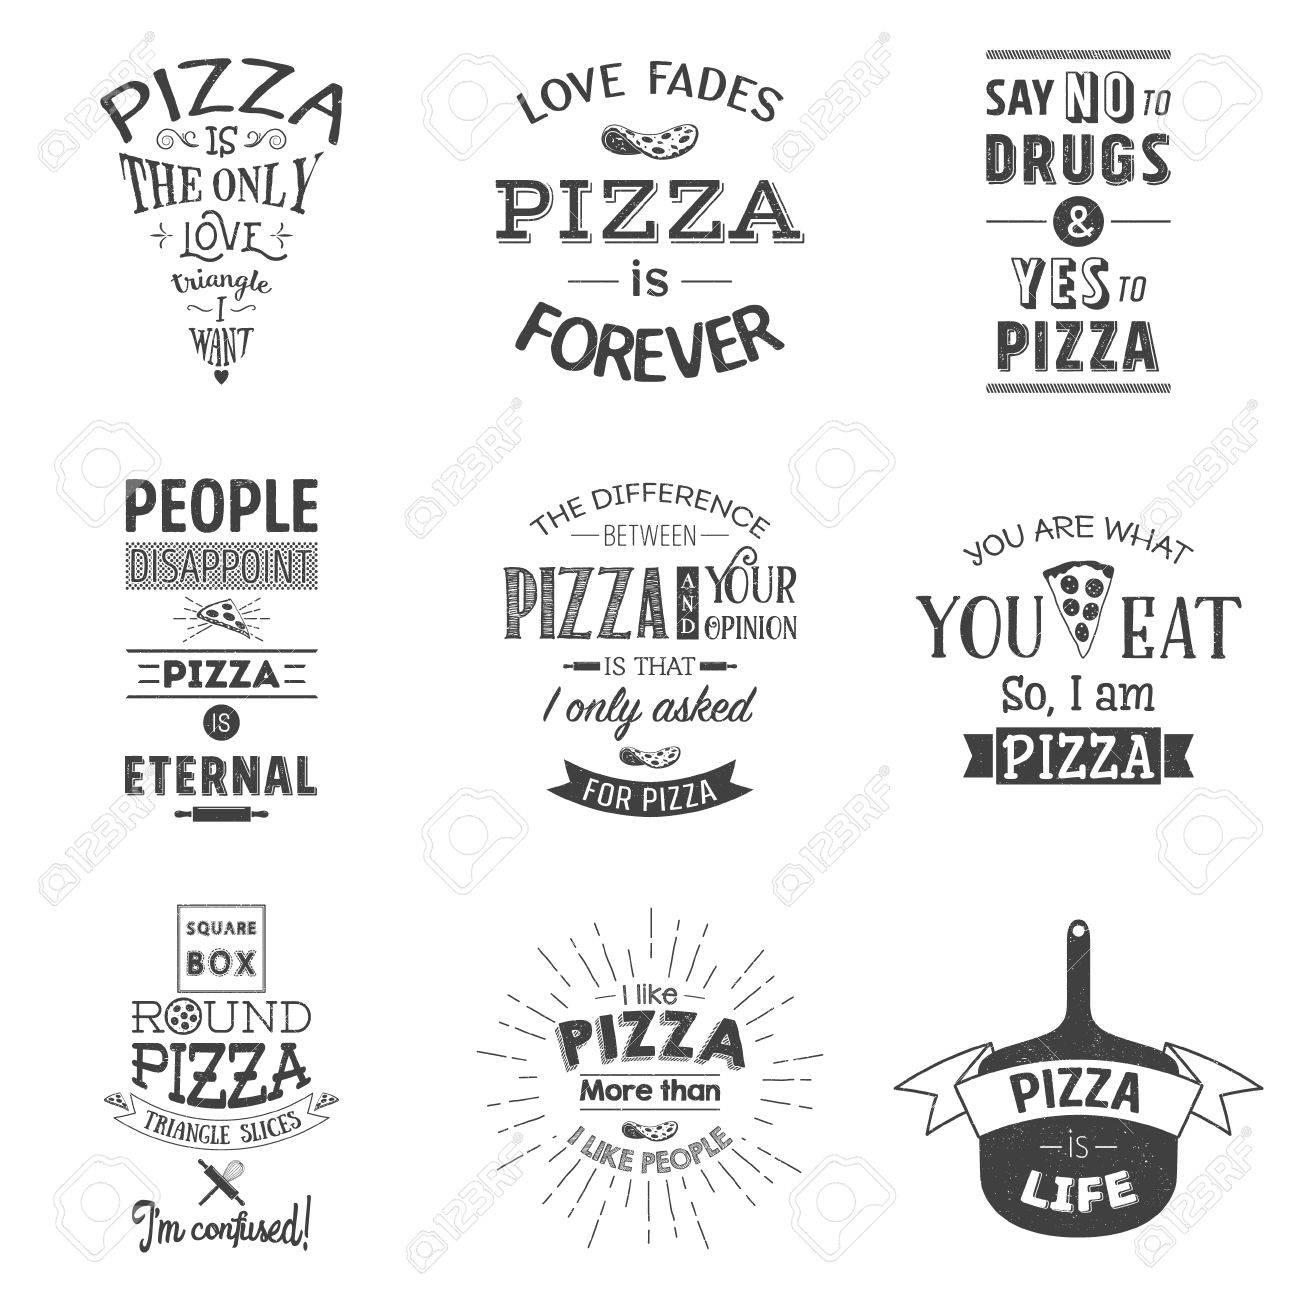 Set Di Citazioni Tipografiche Di Pizza D Epoca Grunge Effetto Può Essere Modificato O Rimosso Illustrazione Di Vettore Eps10